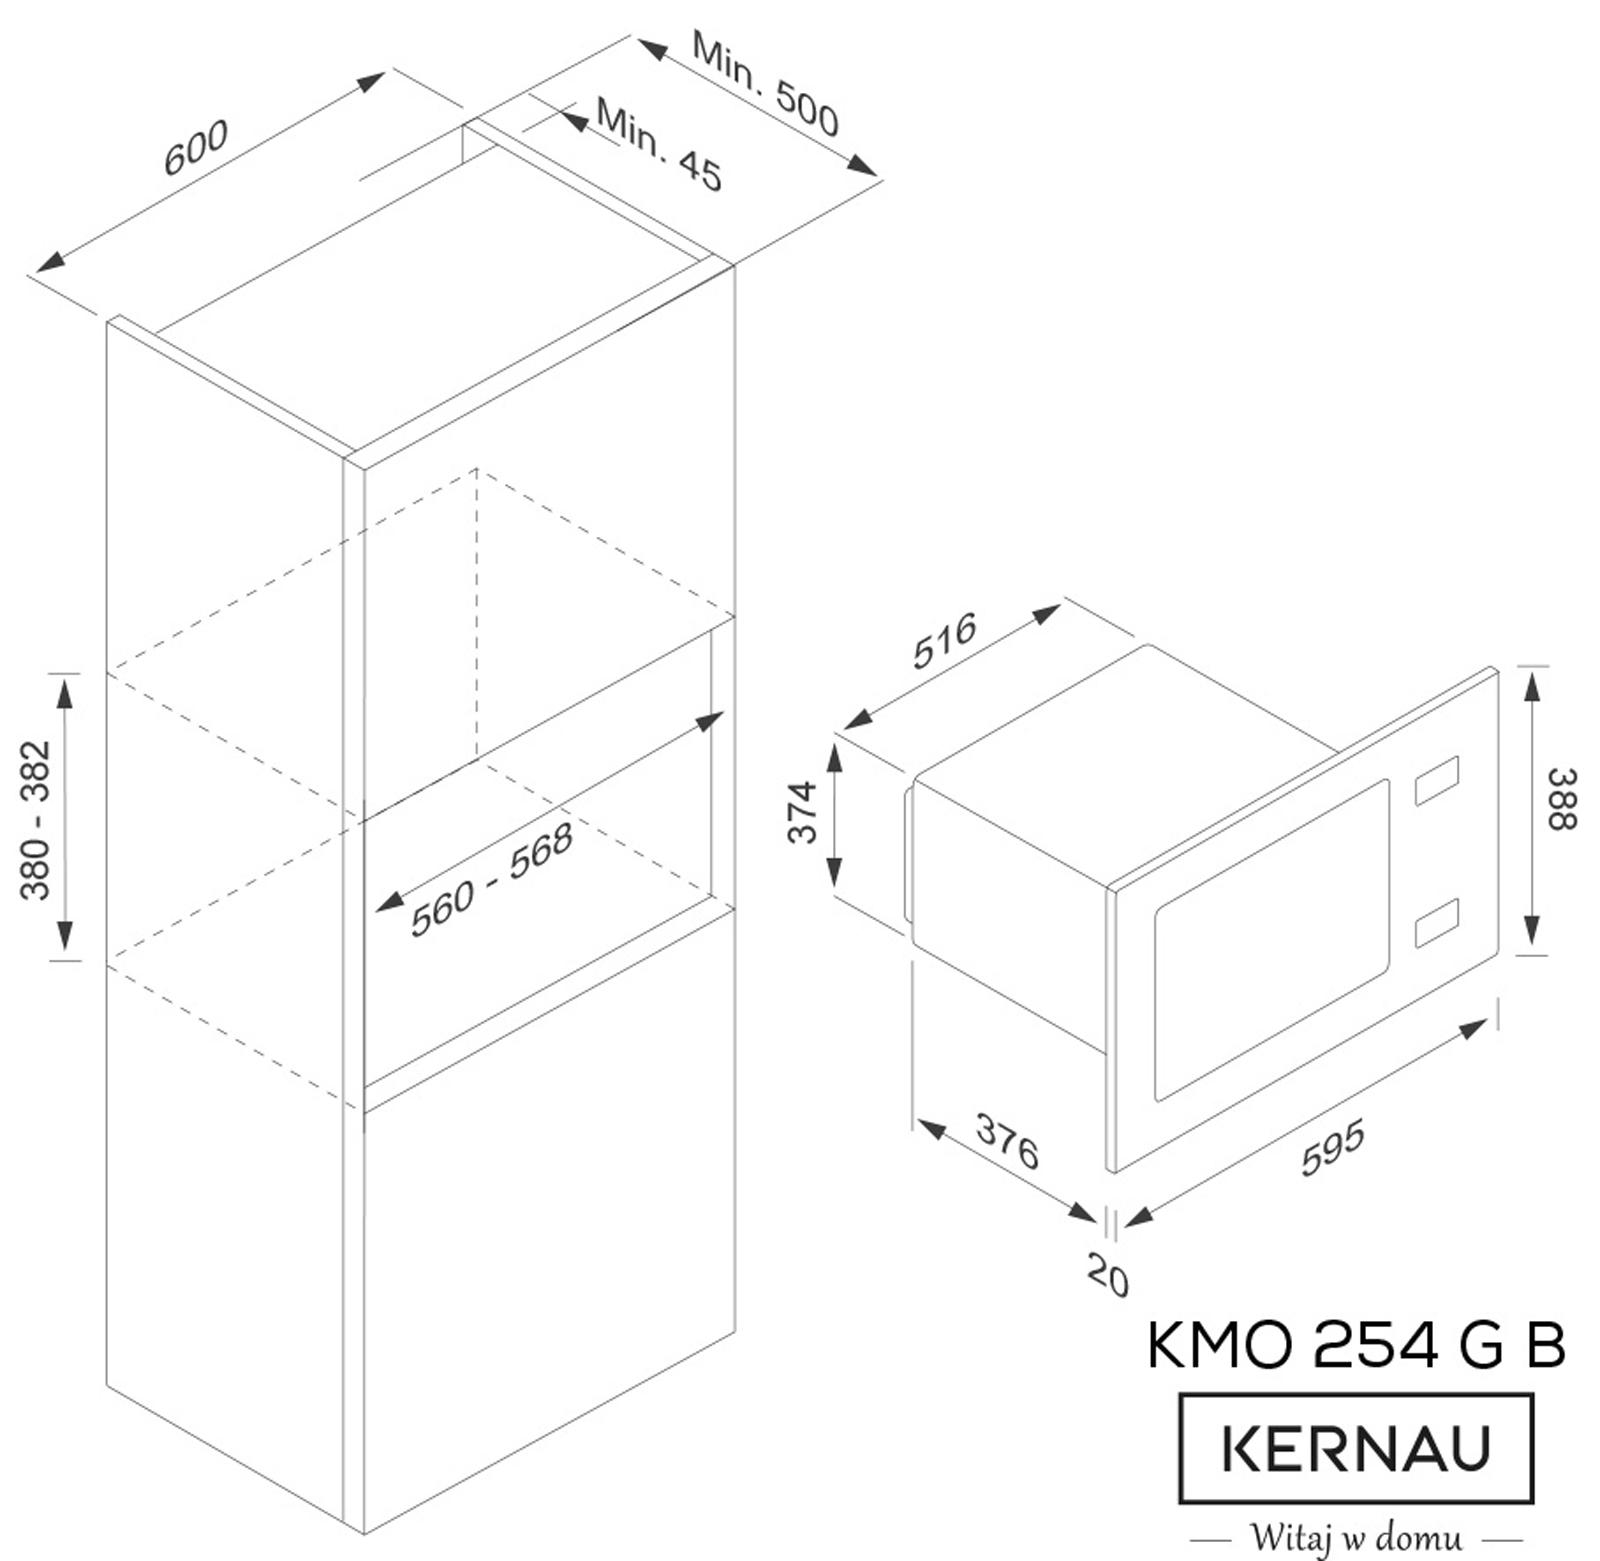 wymiary zabudowy kuchenki mikrofalowej Kernau